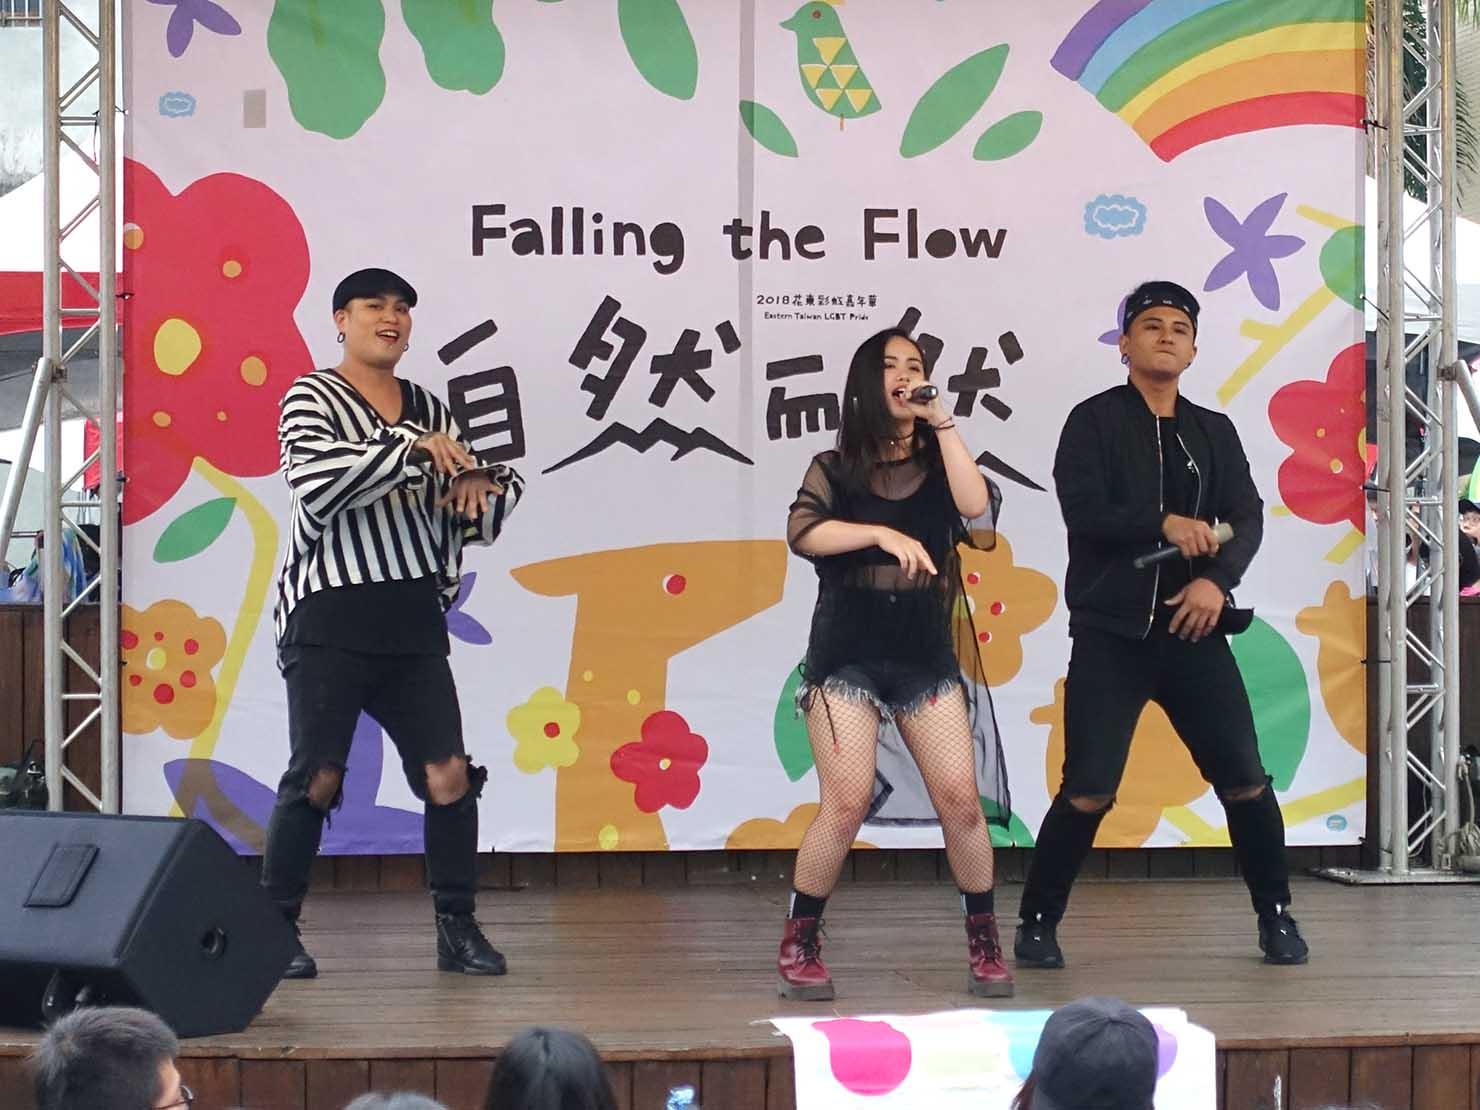 花東彩虹嘉年華(台湾東部LGBTプライド / 花蓮場)のメインステージでパフォーマンスを披露するアーティストグループ